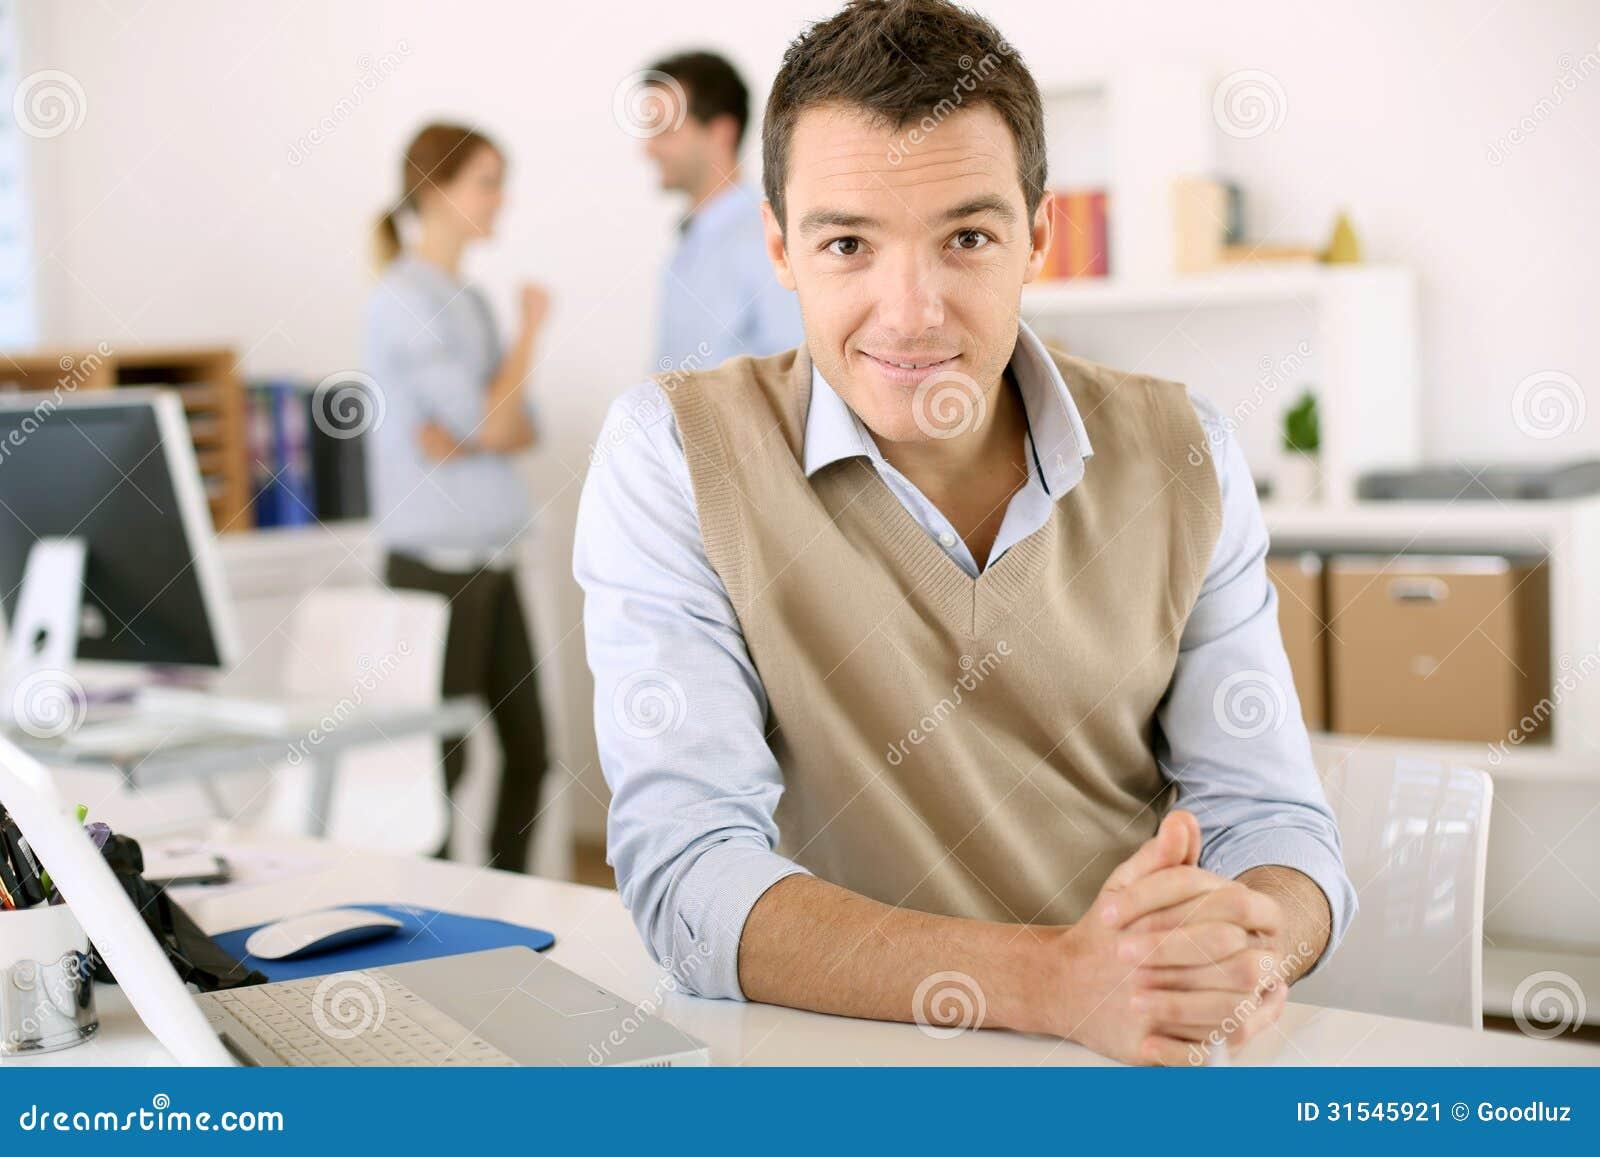 Hombre satisfecho y amistoso en oficina imagen de archivo for Xxx porno en la oficina